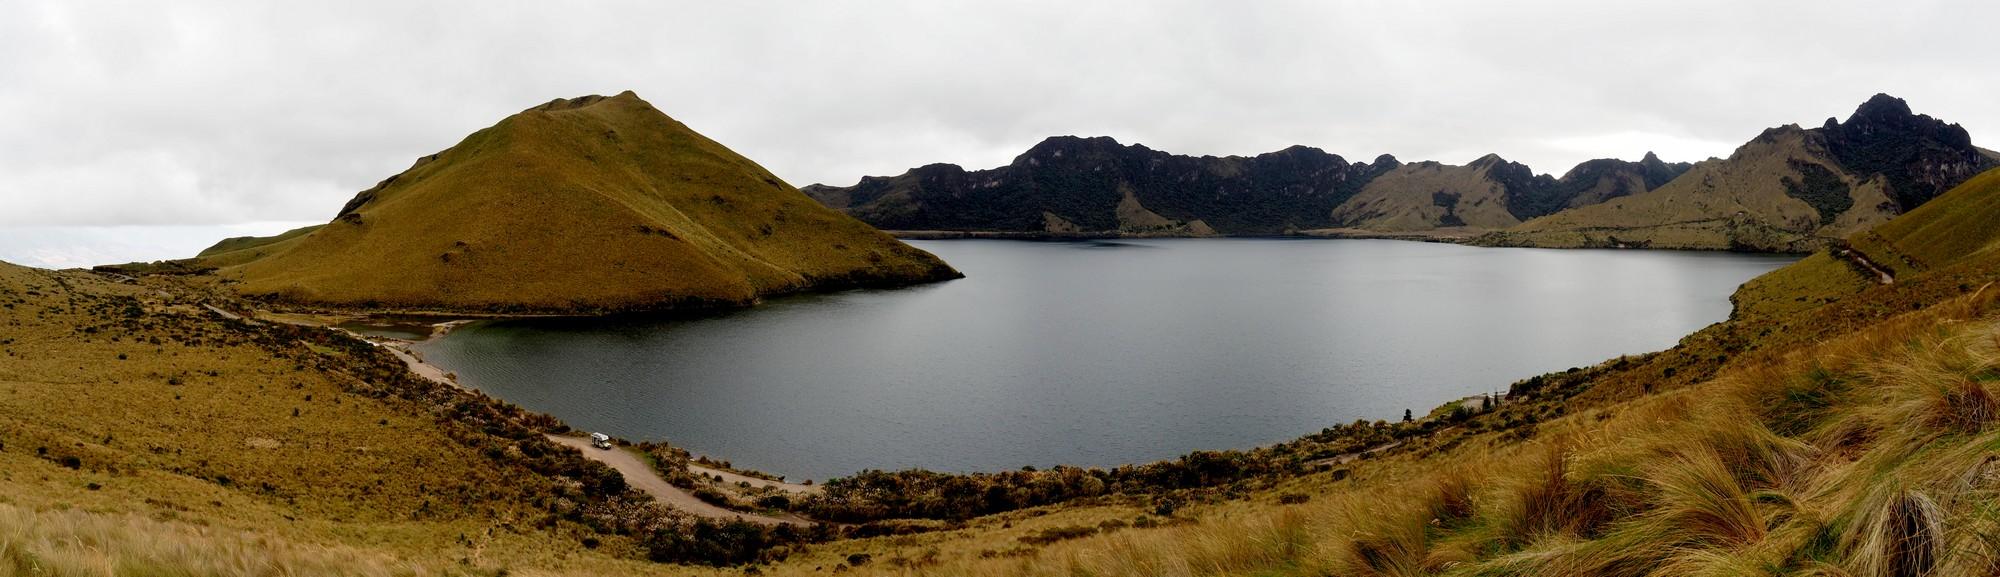 Die Mojanda-Lagoon in karger Landschaft